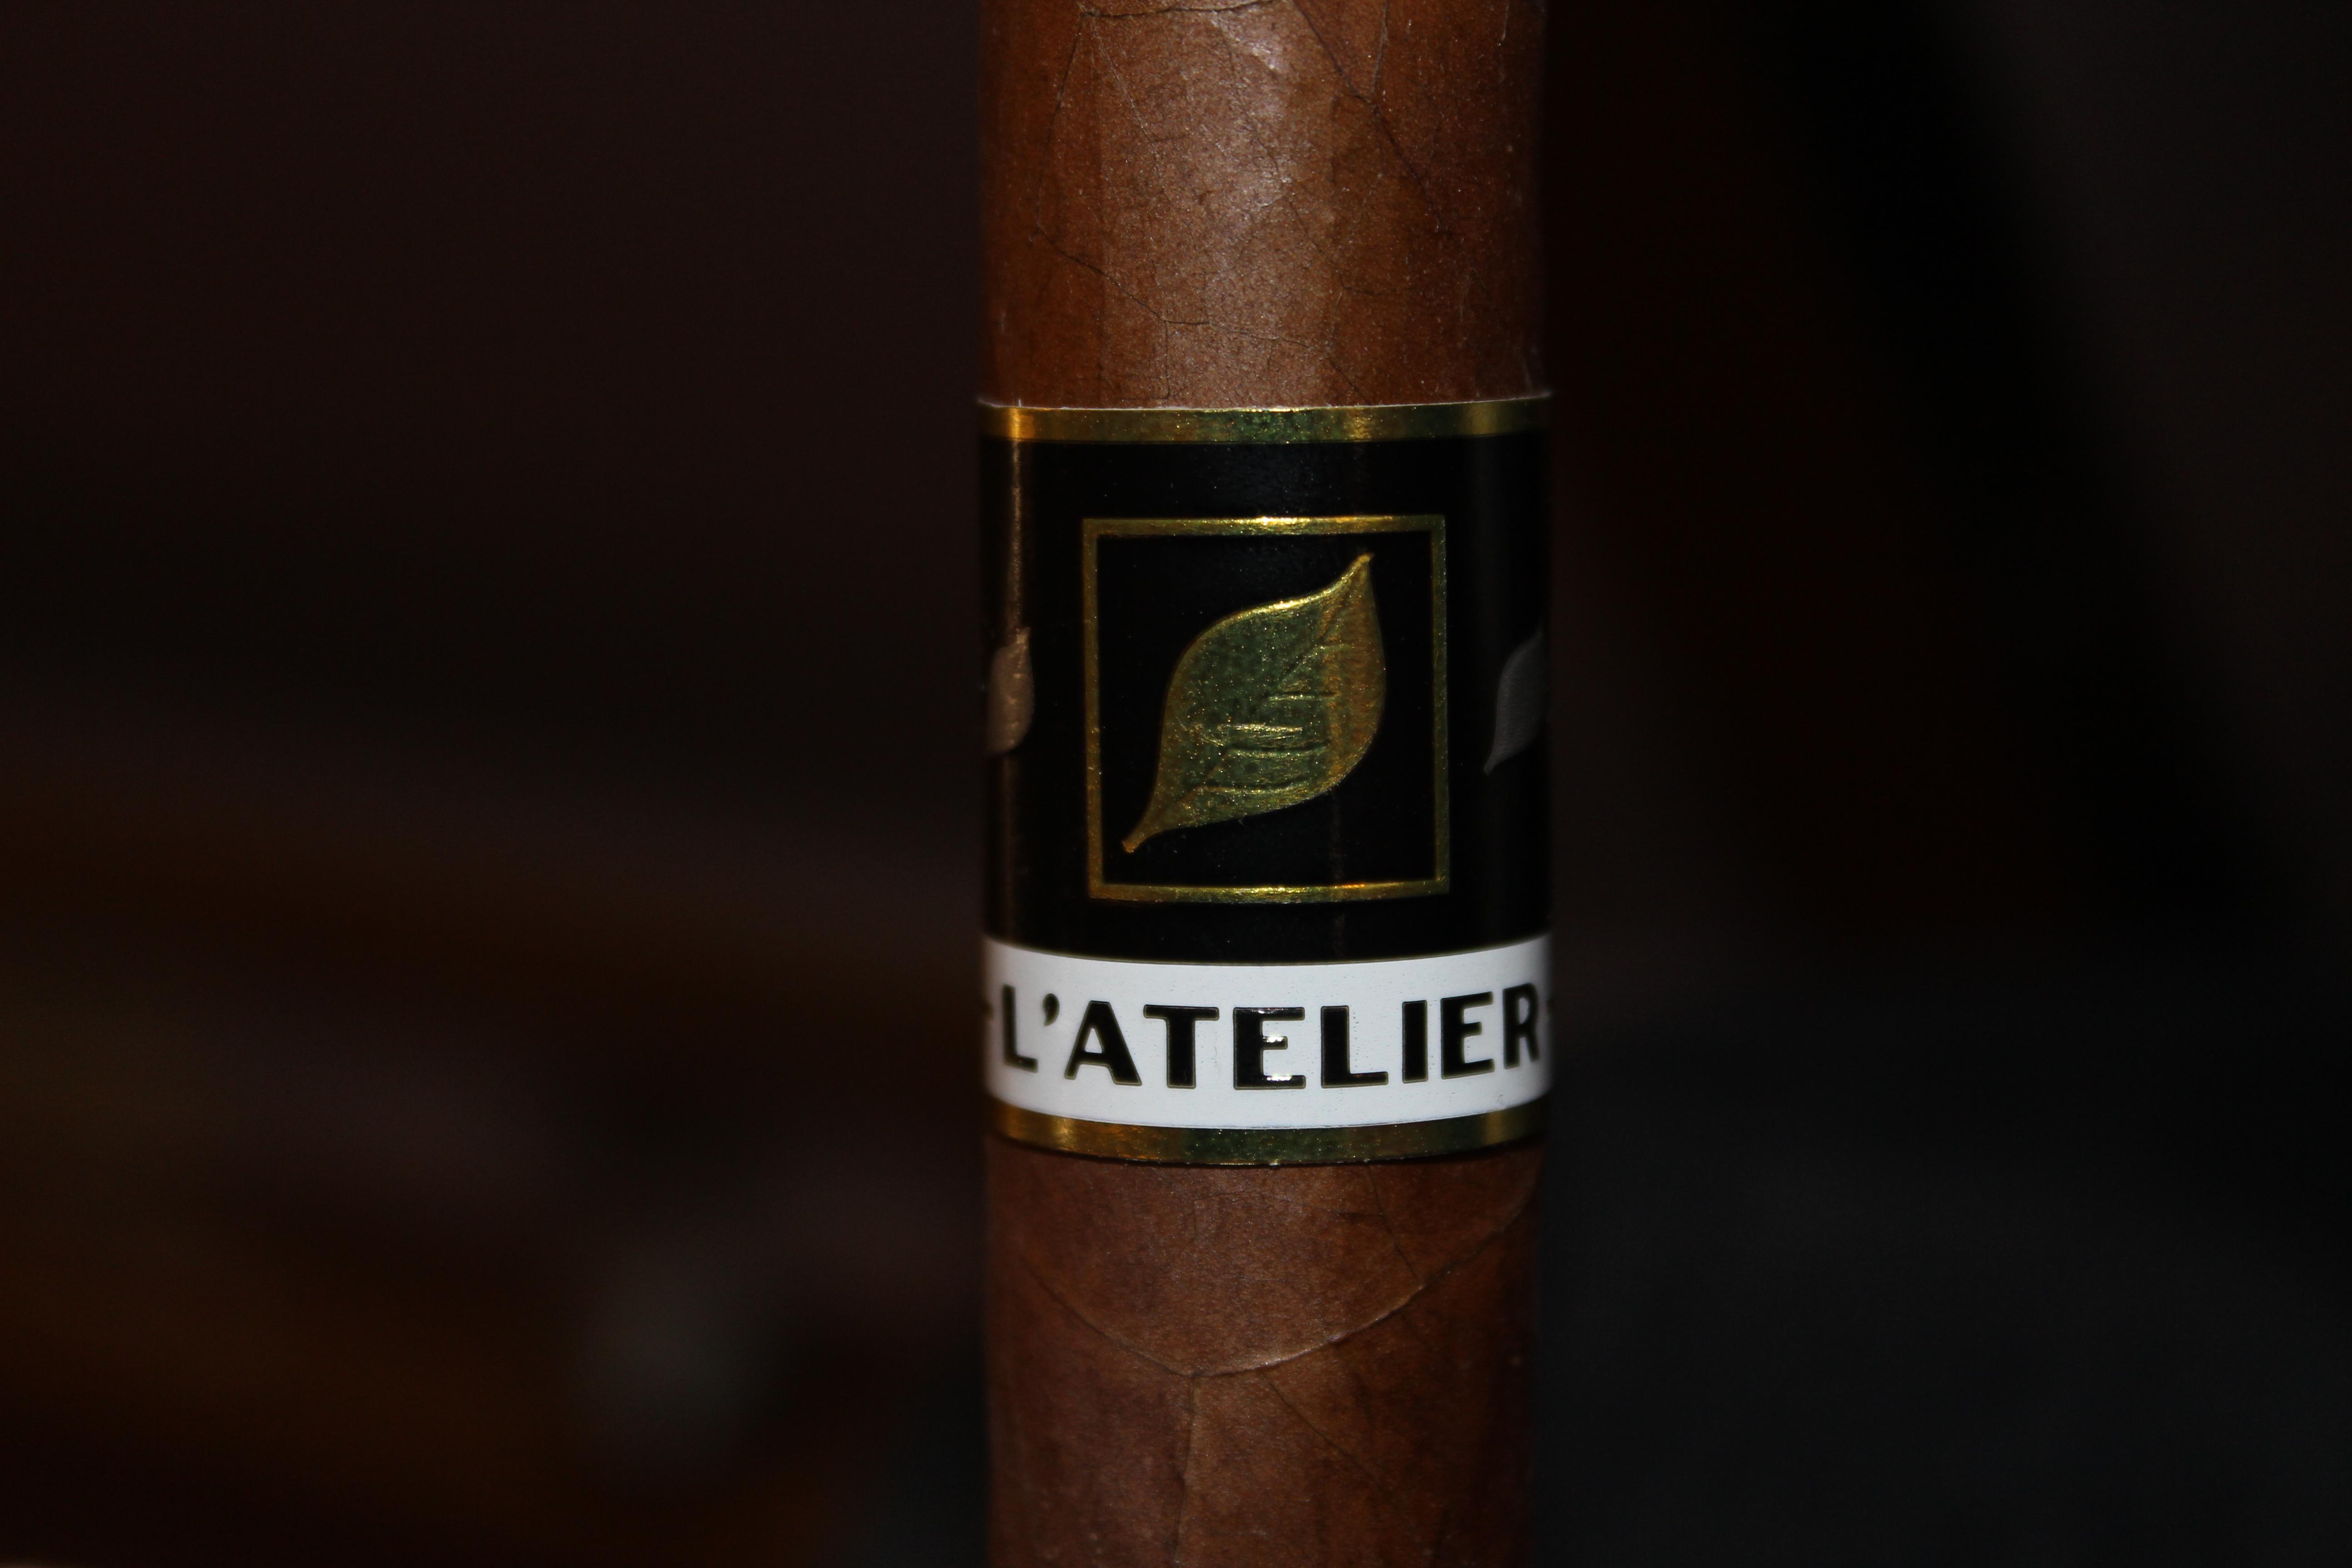 L'Atelier LAT 52 – Cigar Review